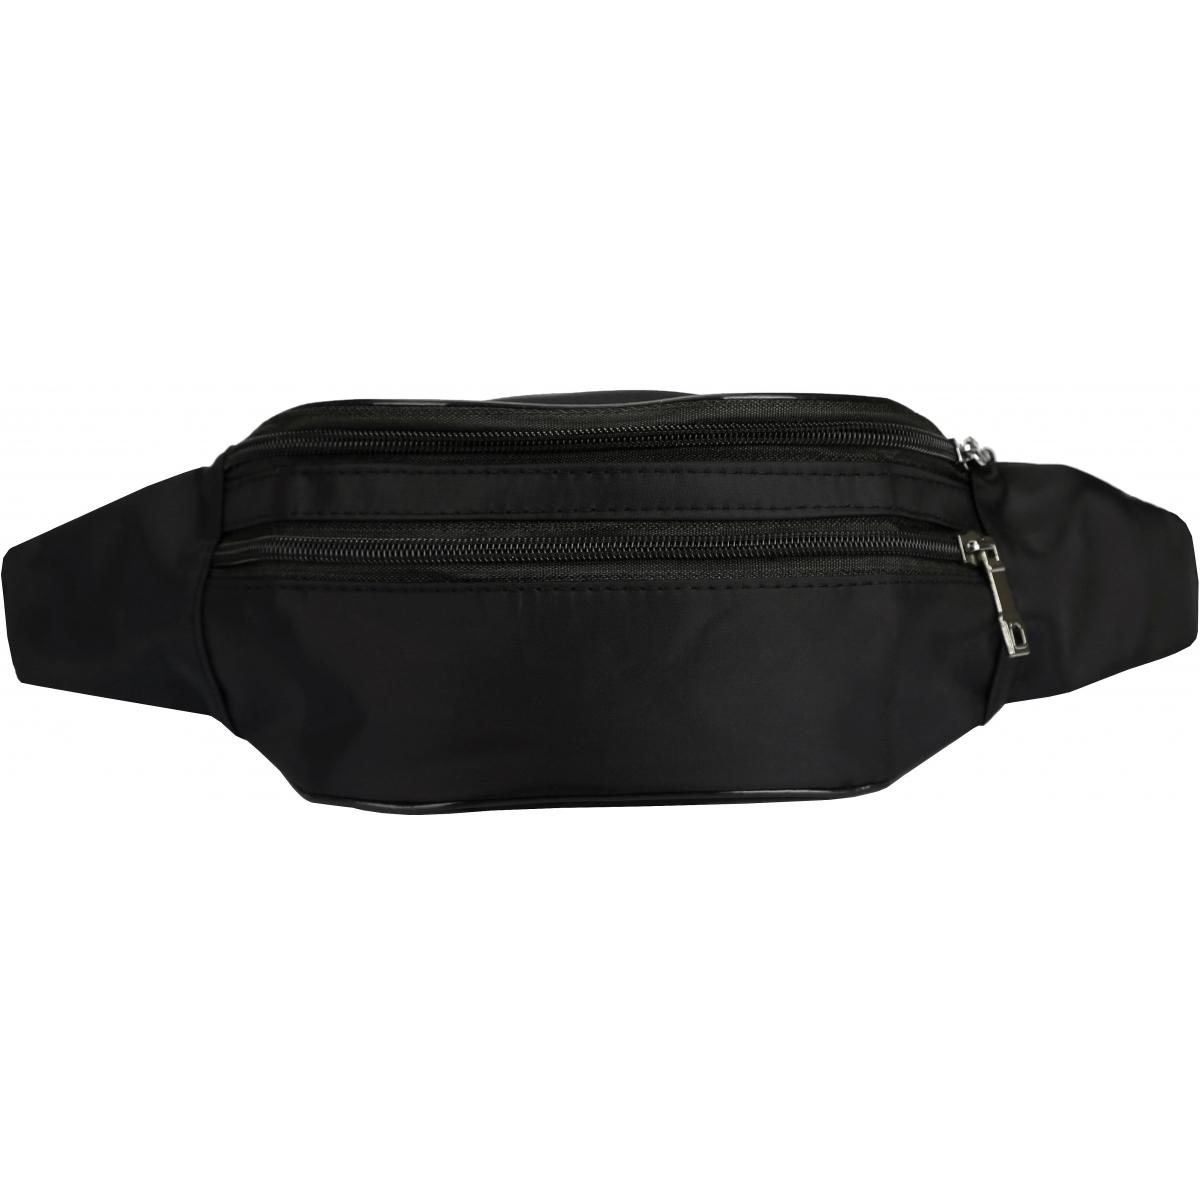 sac banane homme les sacs de krlot hkg0498 couleur principale noir. Black Bedroom Furniture Sets. Home Design Ideas